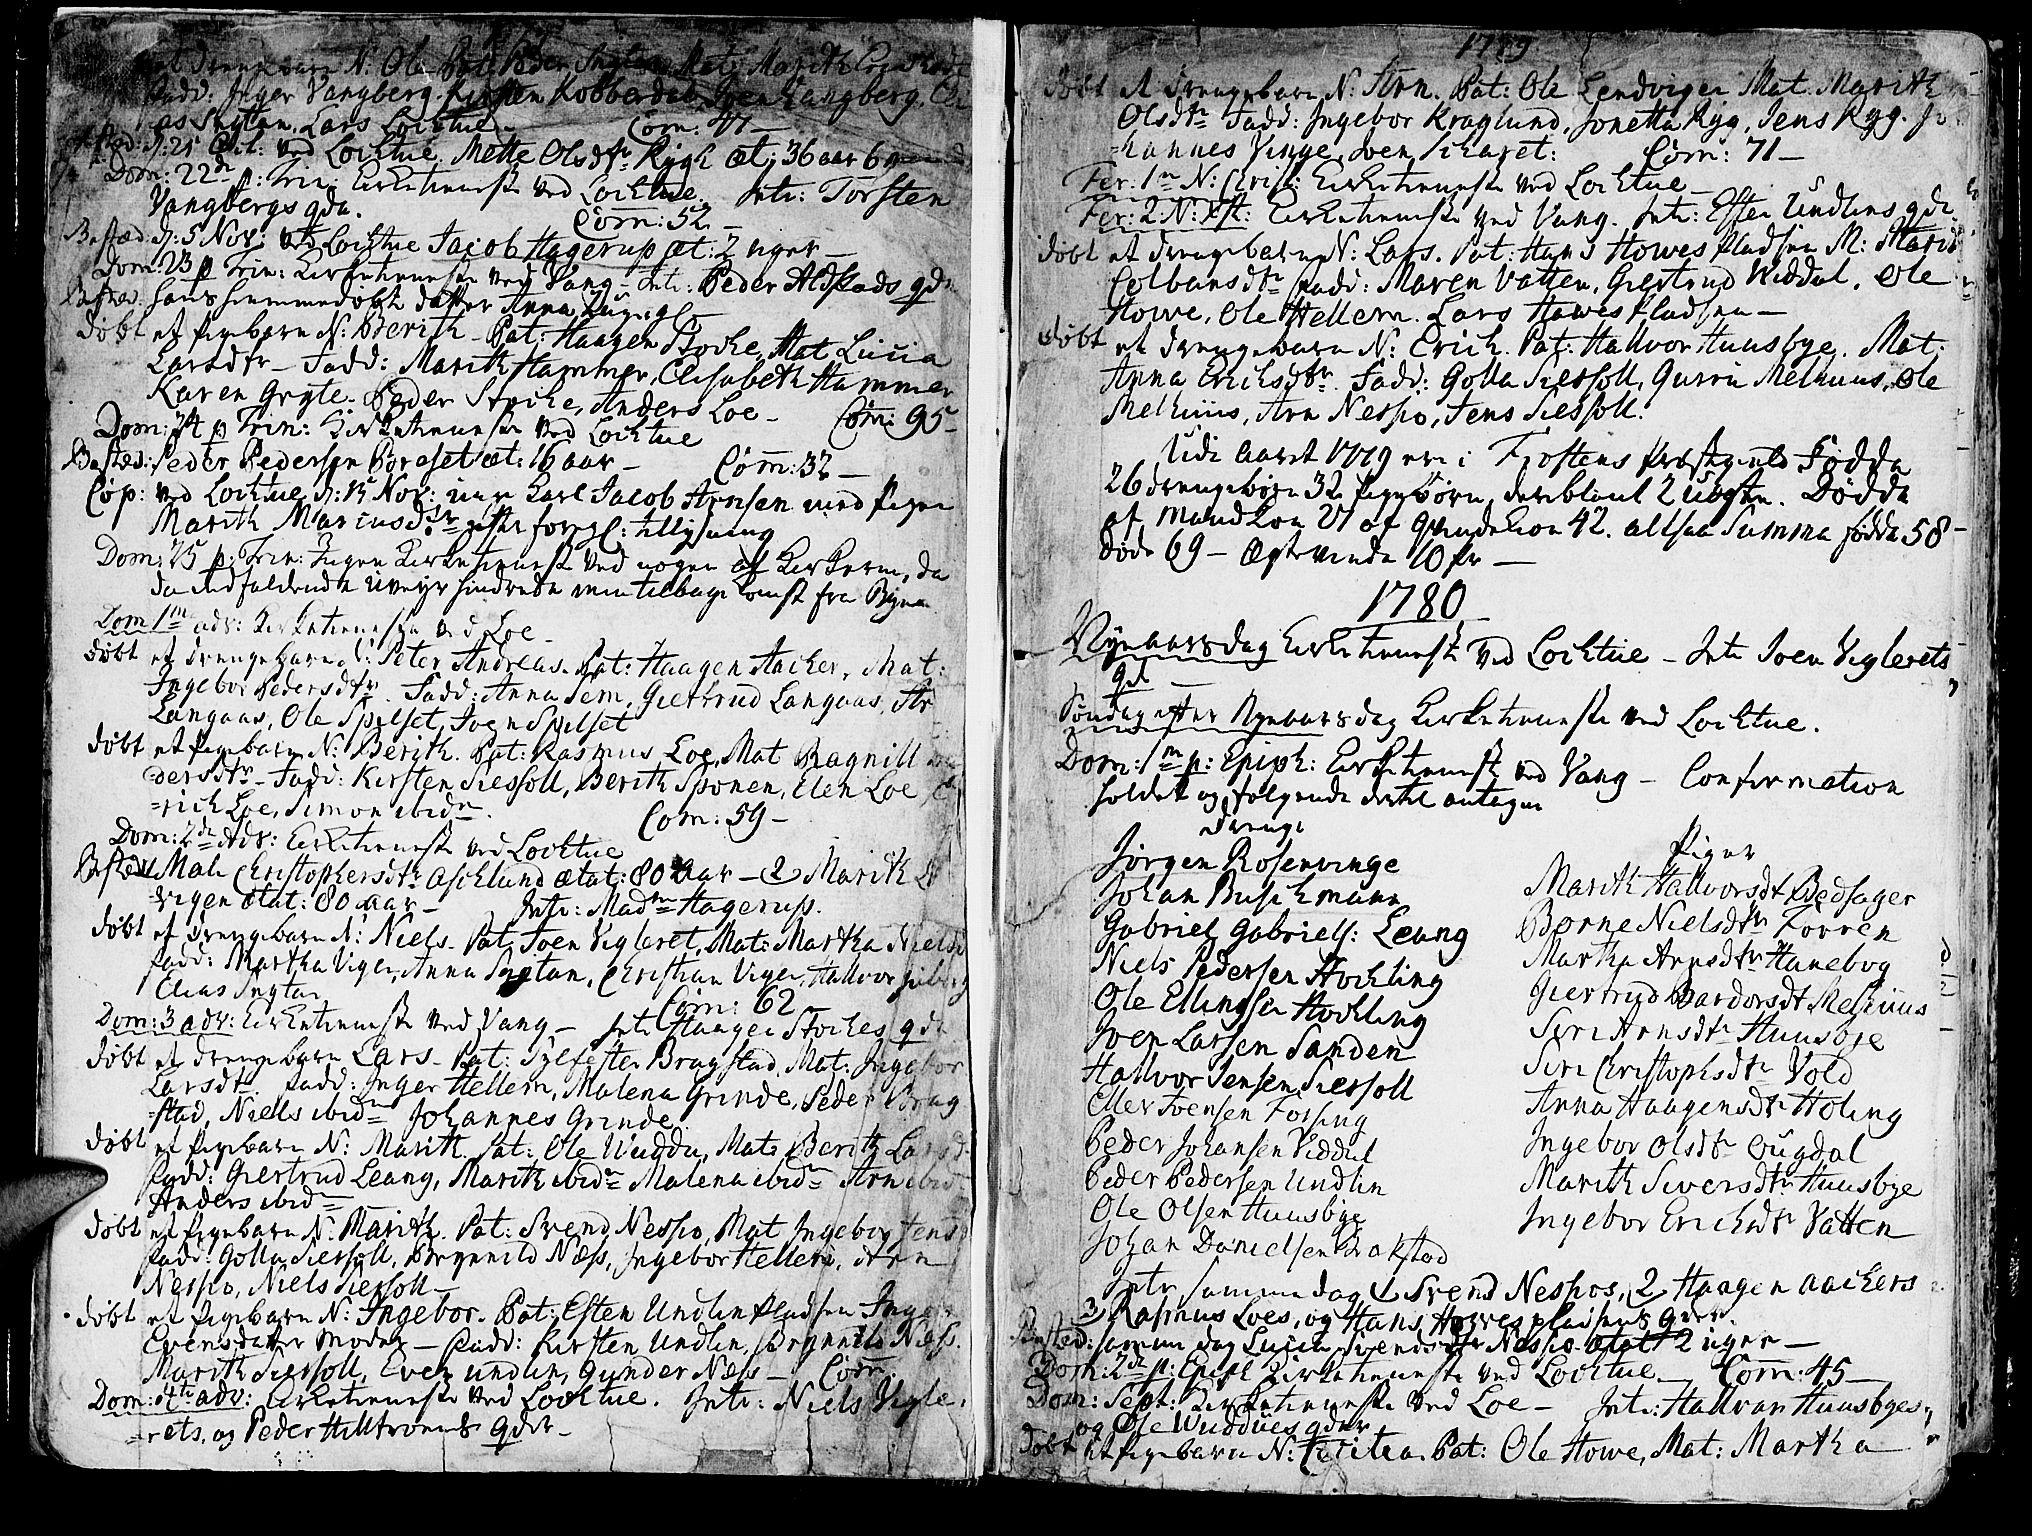 SAT, Ministerialprotokoller, klokkerbøker og fødselsregistre - Nord-Trøndelag, 713/L0110: Ministerialbok nr. 713A02, 1778-1811, s. 12-13